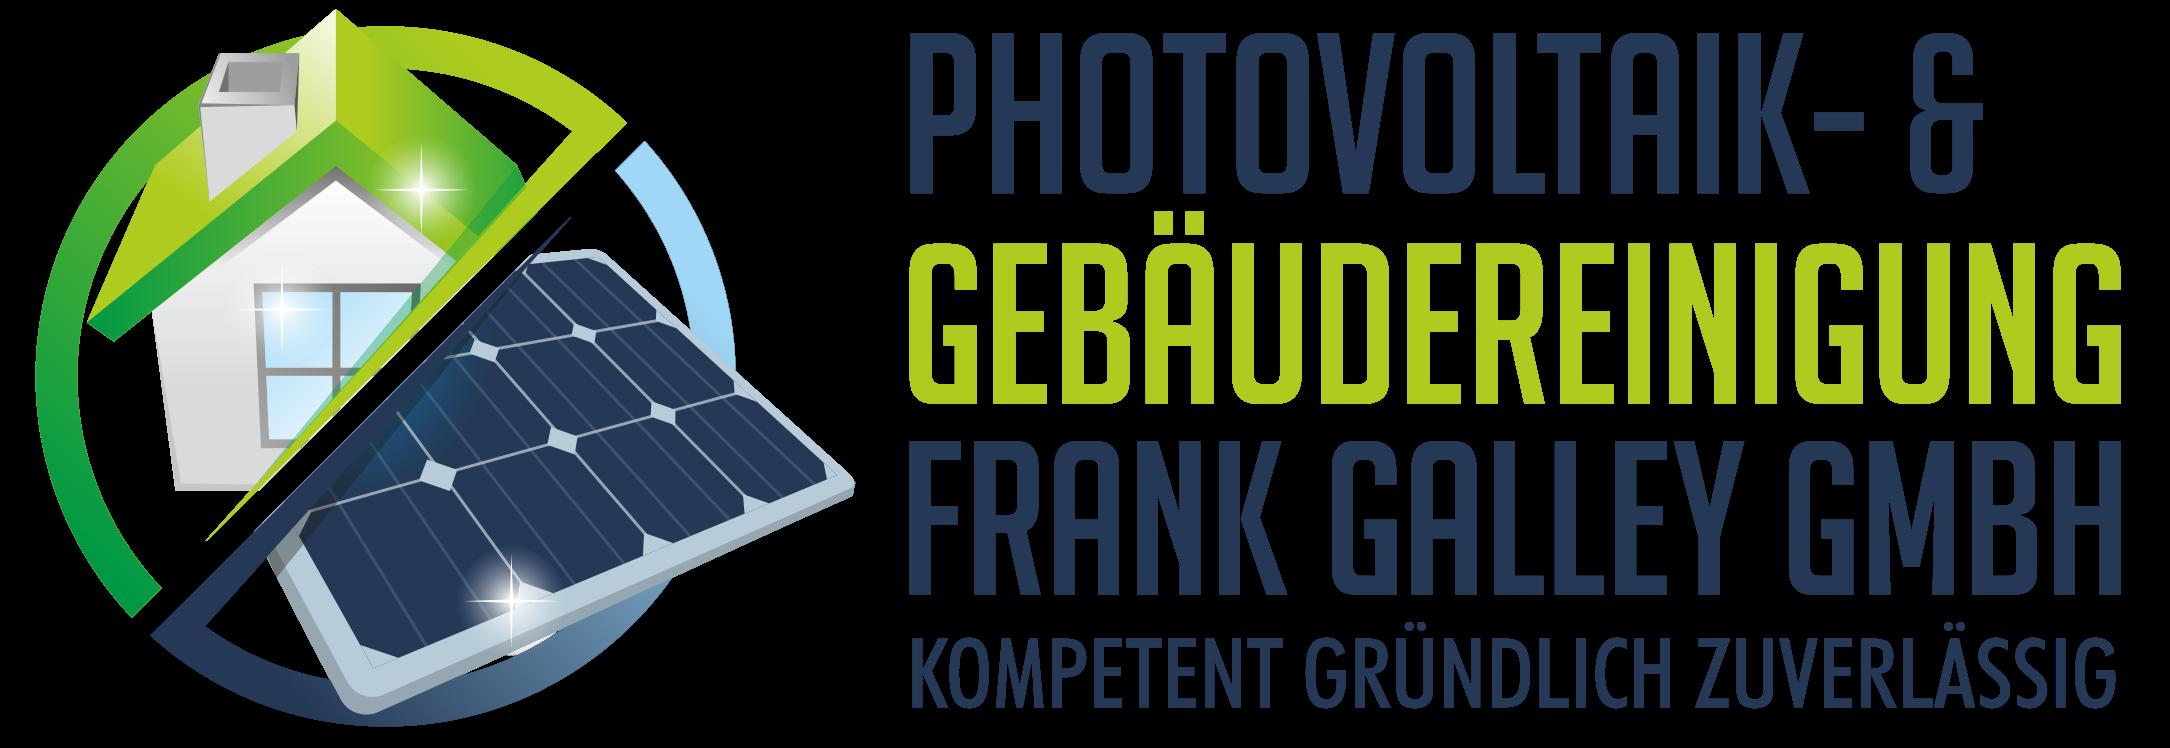 Photovoltaik Reinigung – & Gebäudereinigung Frank Galley